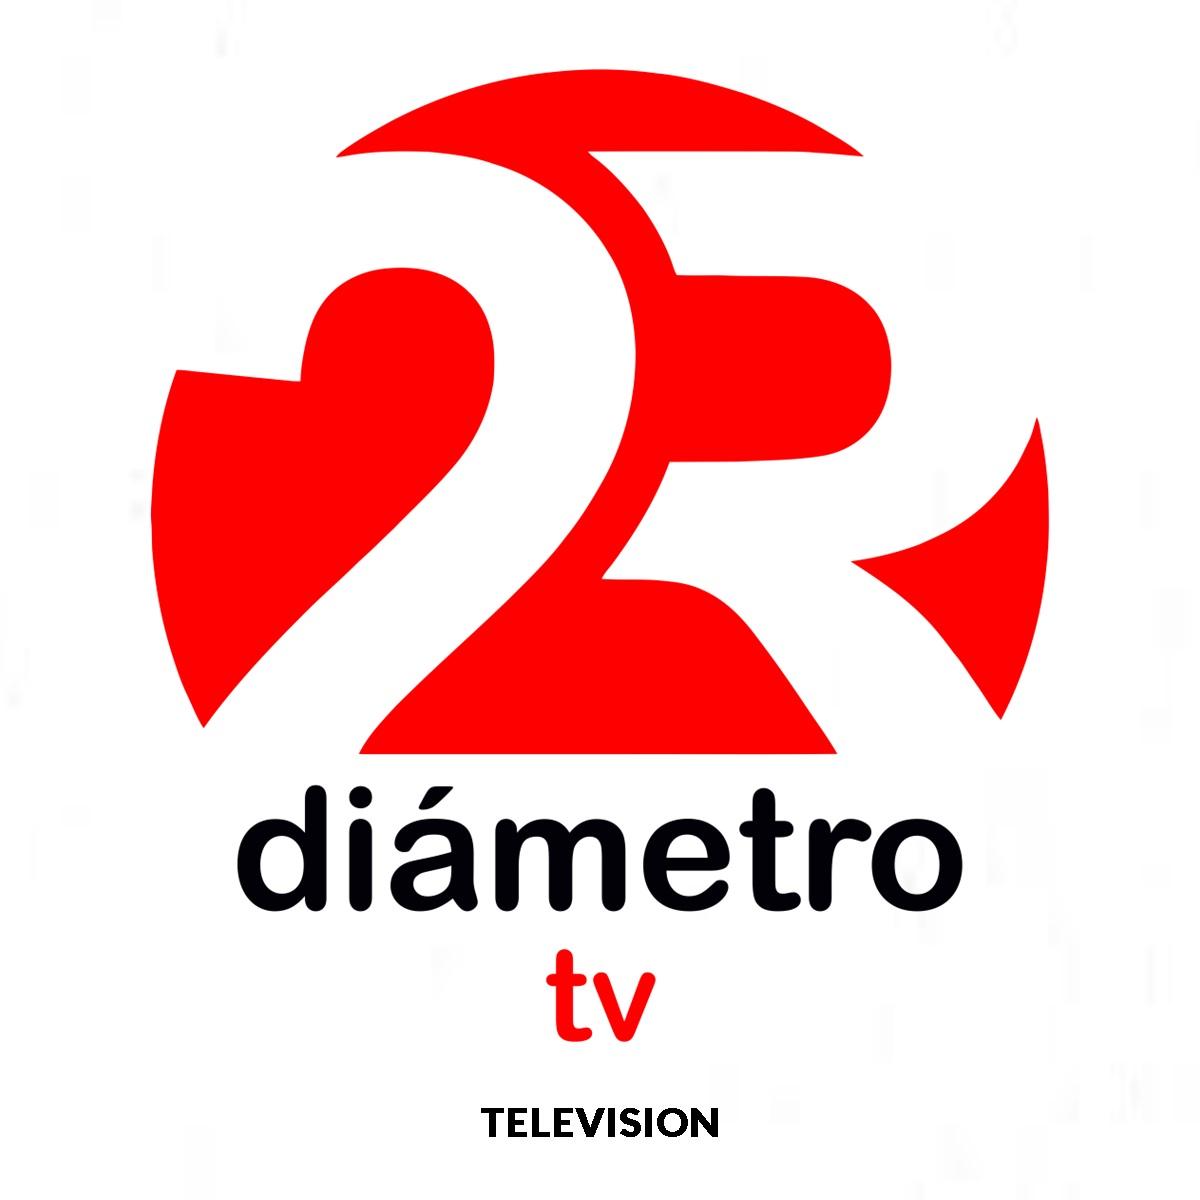 DIAMETRO TV